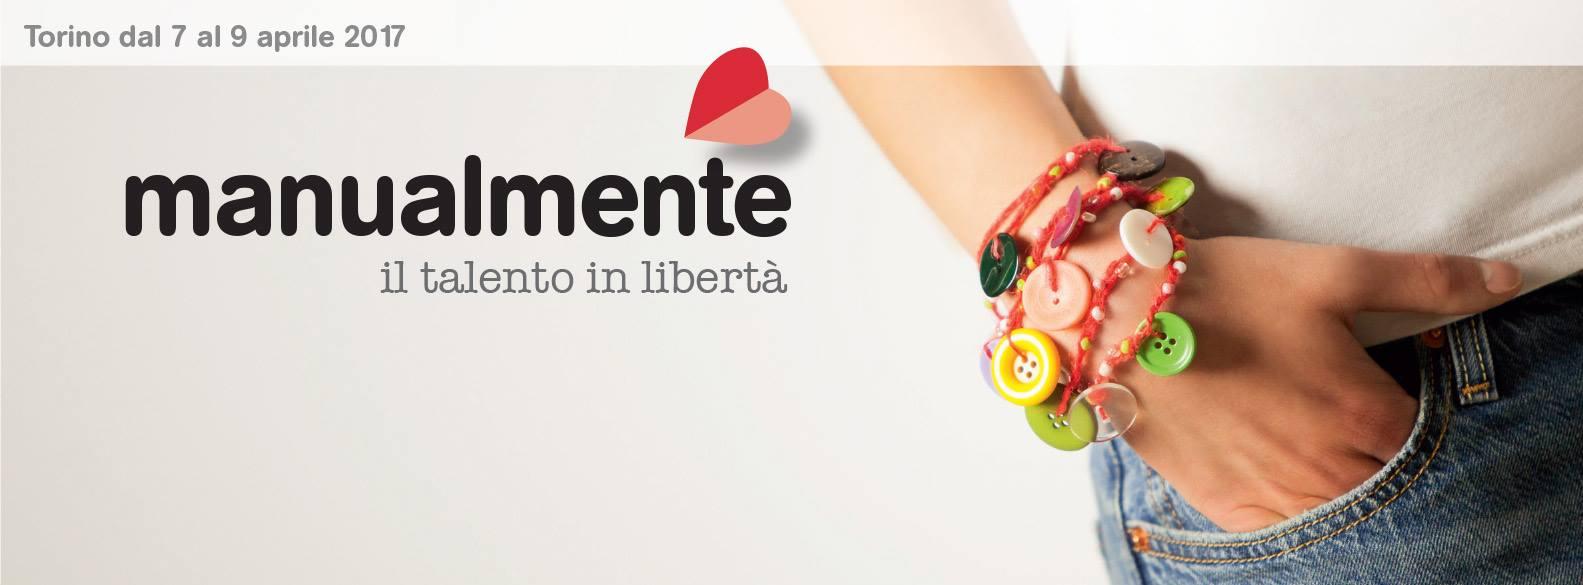 Manualmente Torino dal 7 al 9 Aprile 2017